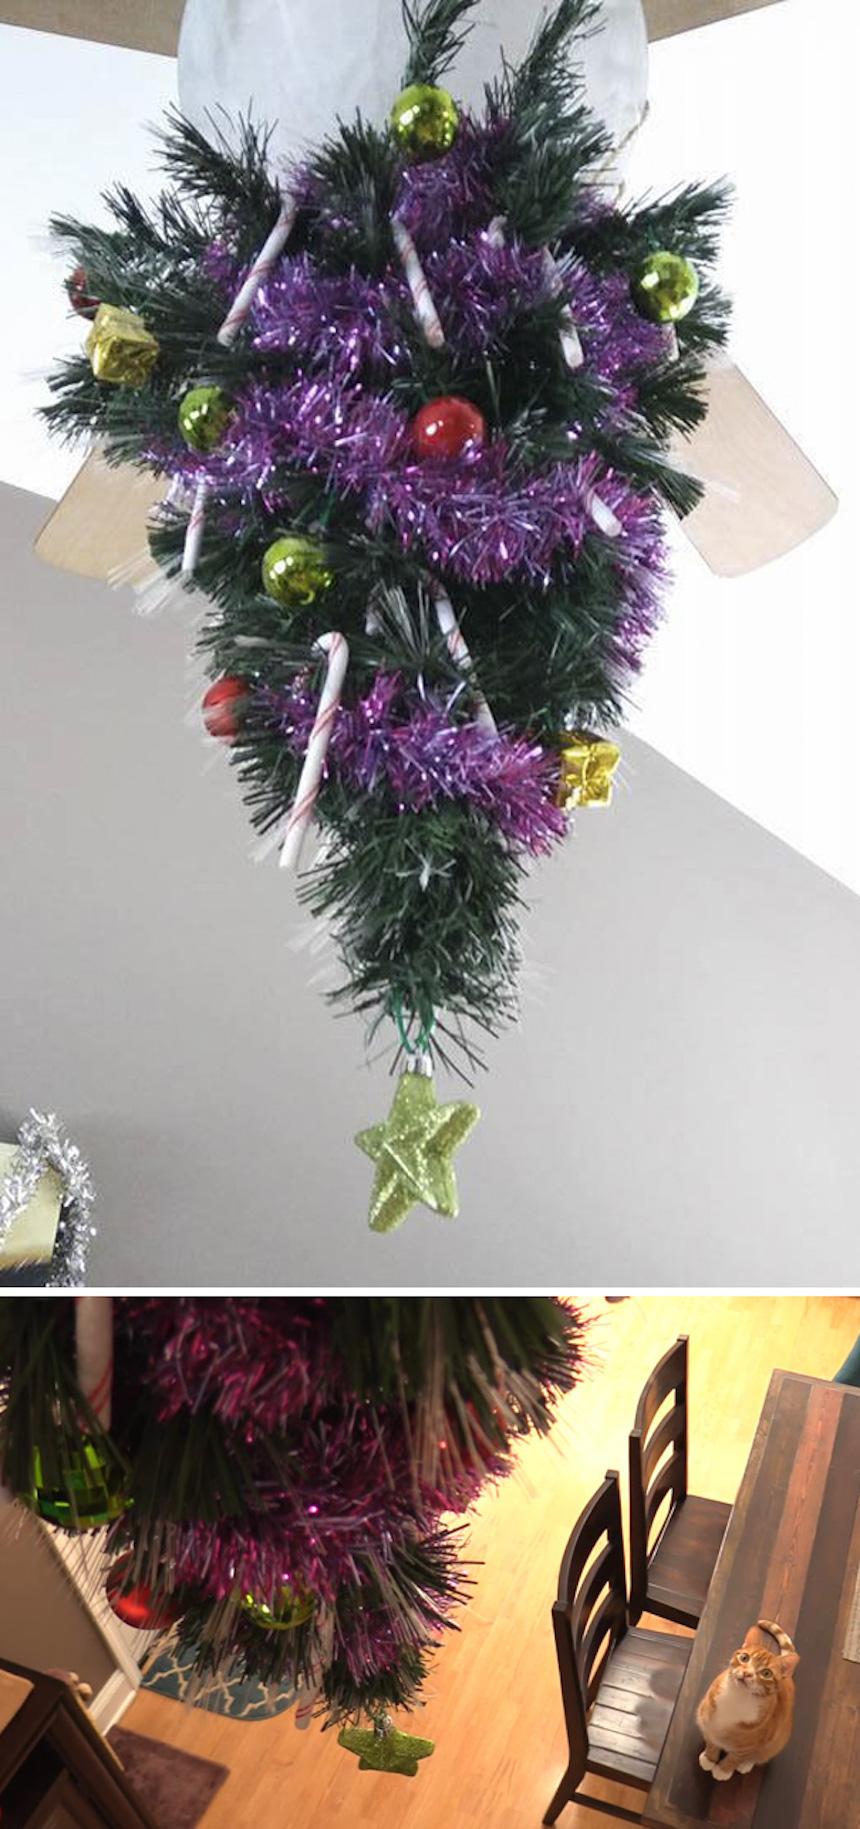 Protegiendo árboles de Navidad - De cabeza